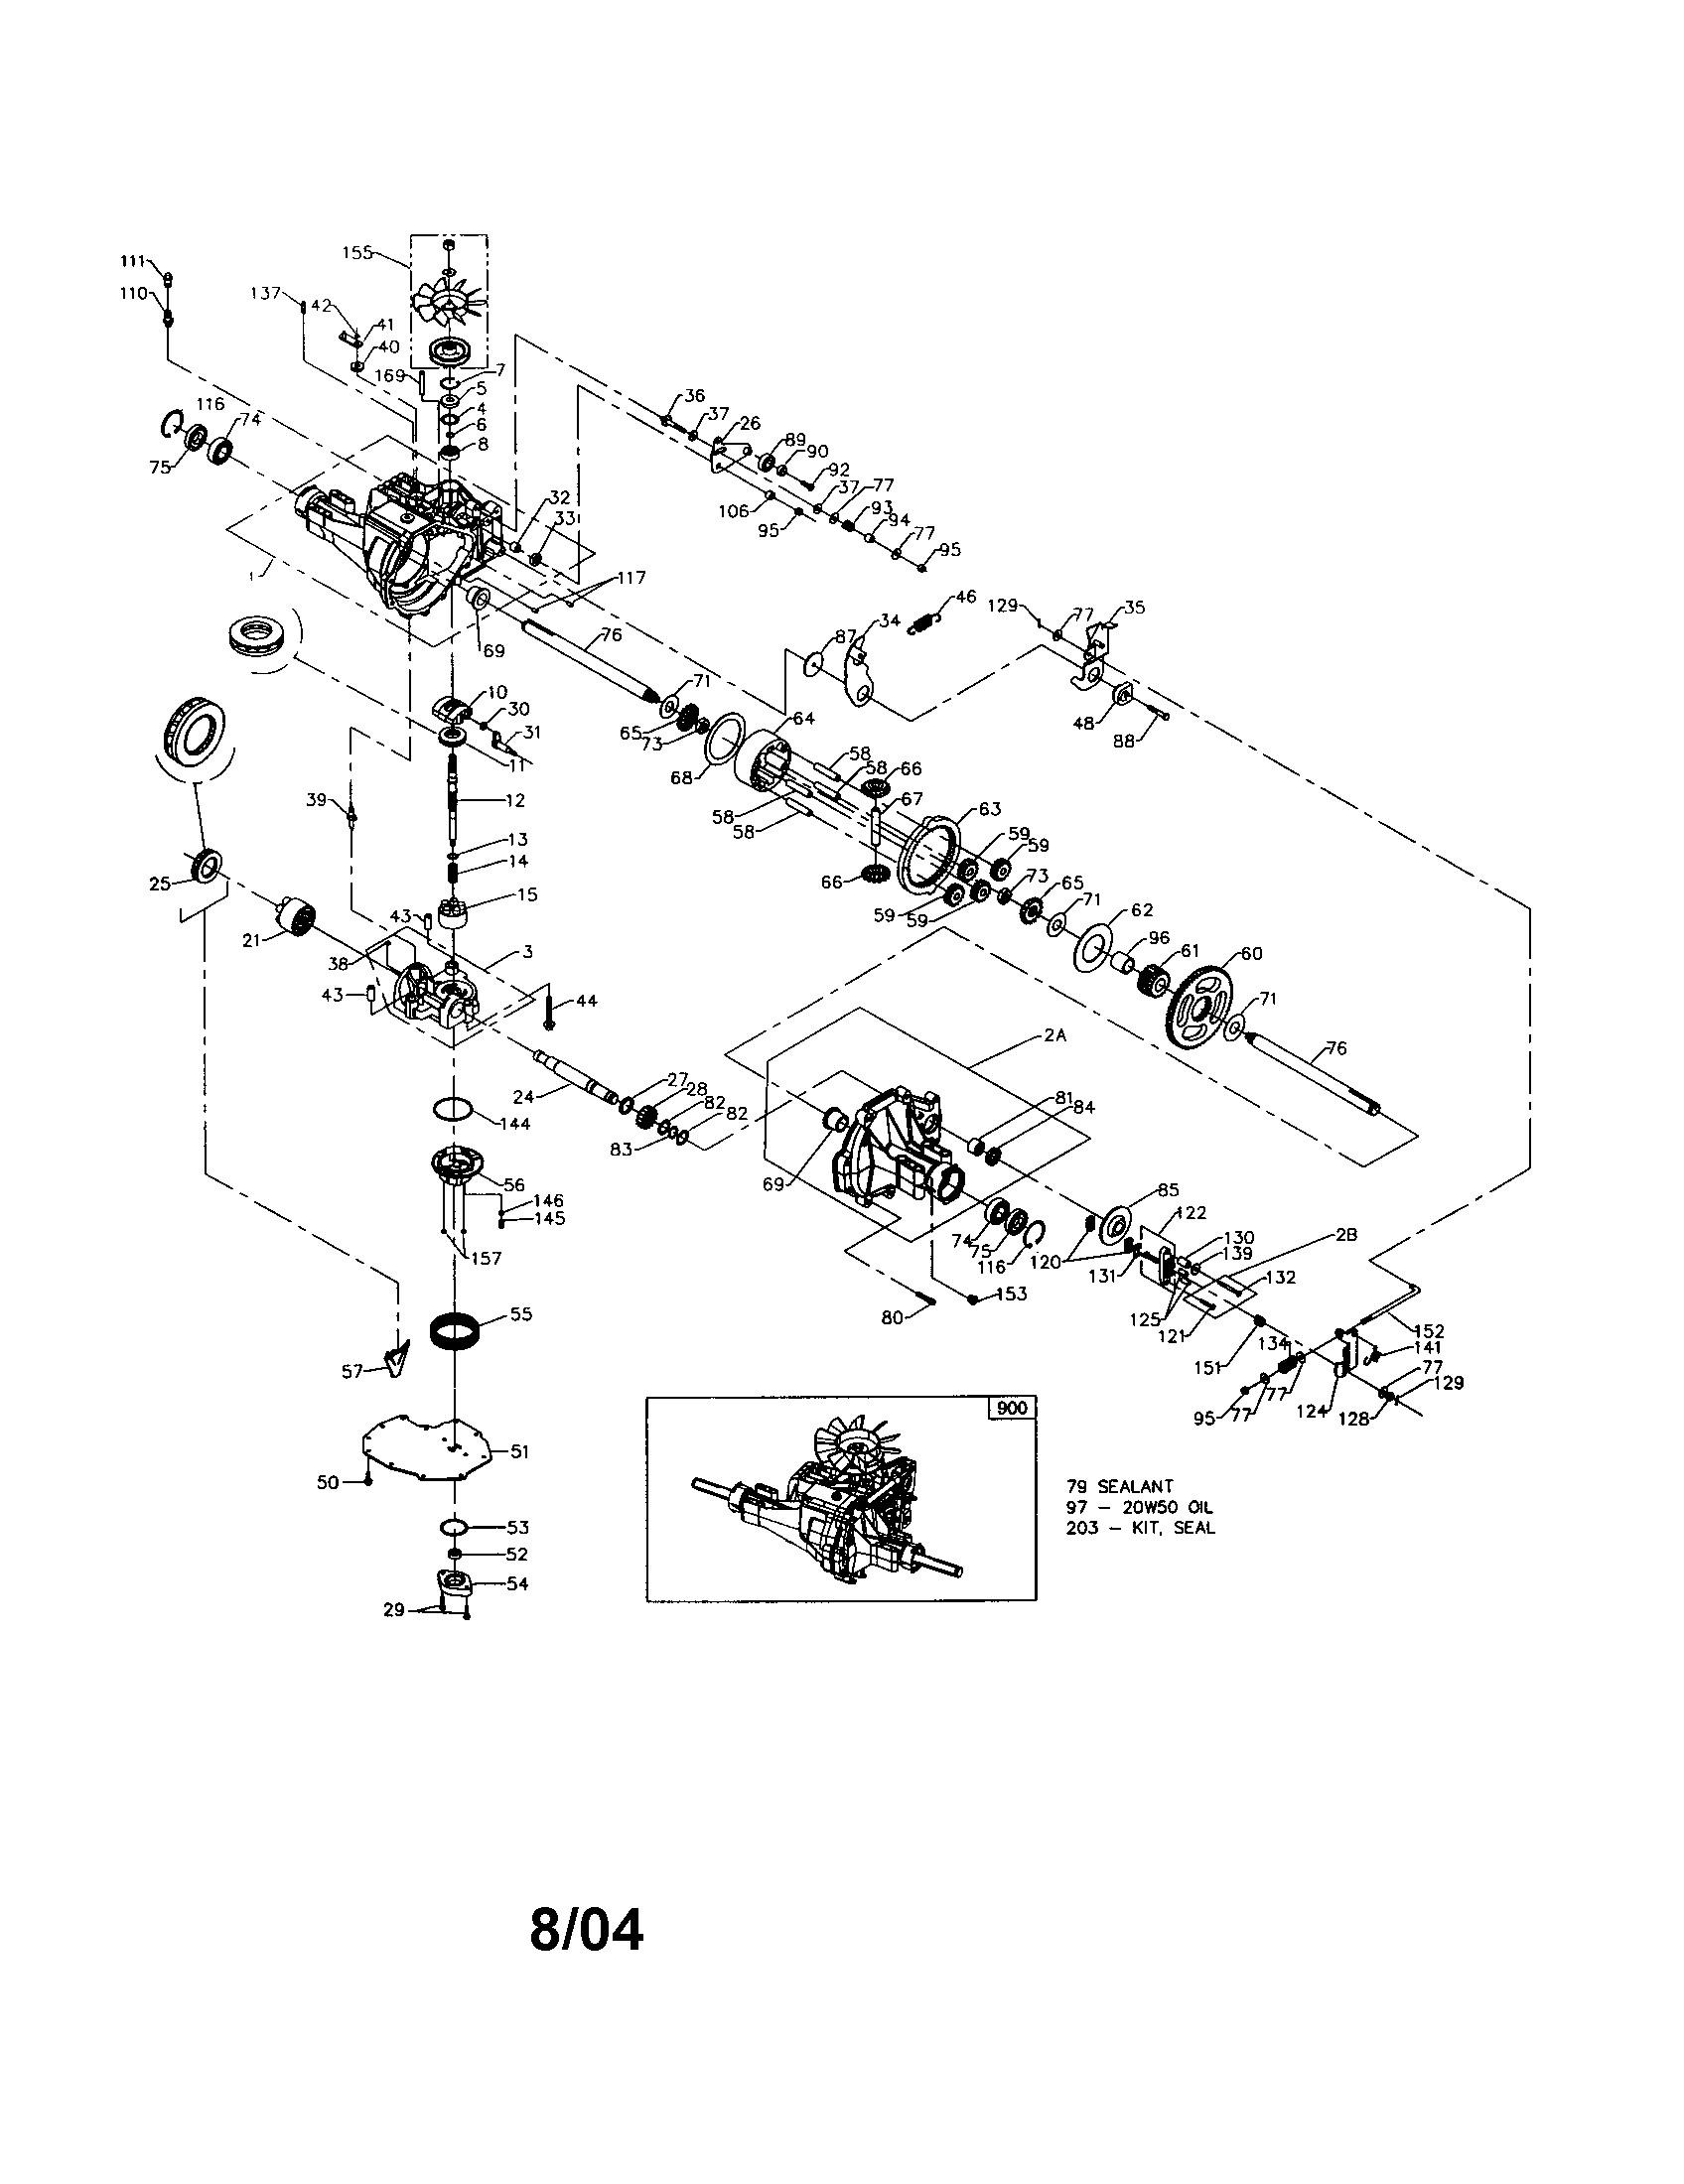 Craftsman Gt 5000 Parts Diagram My Wiring Diagram